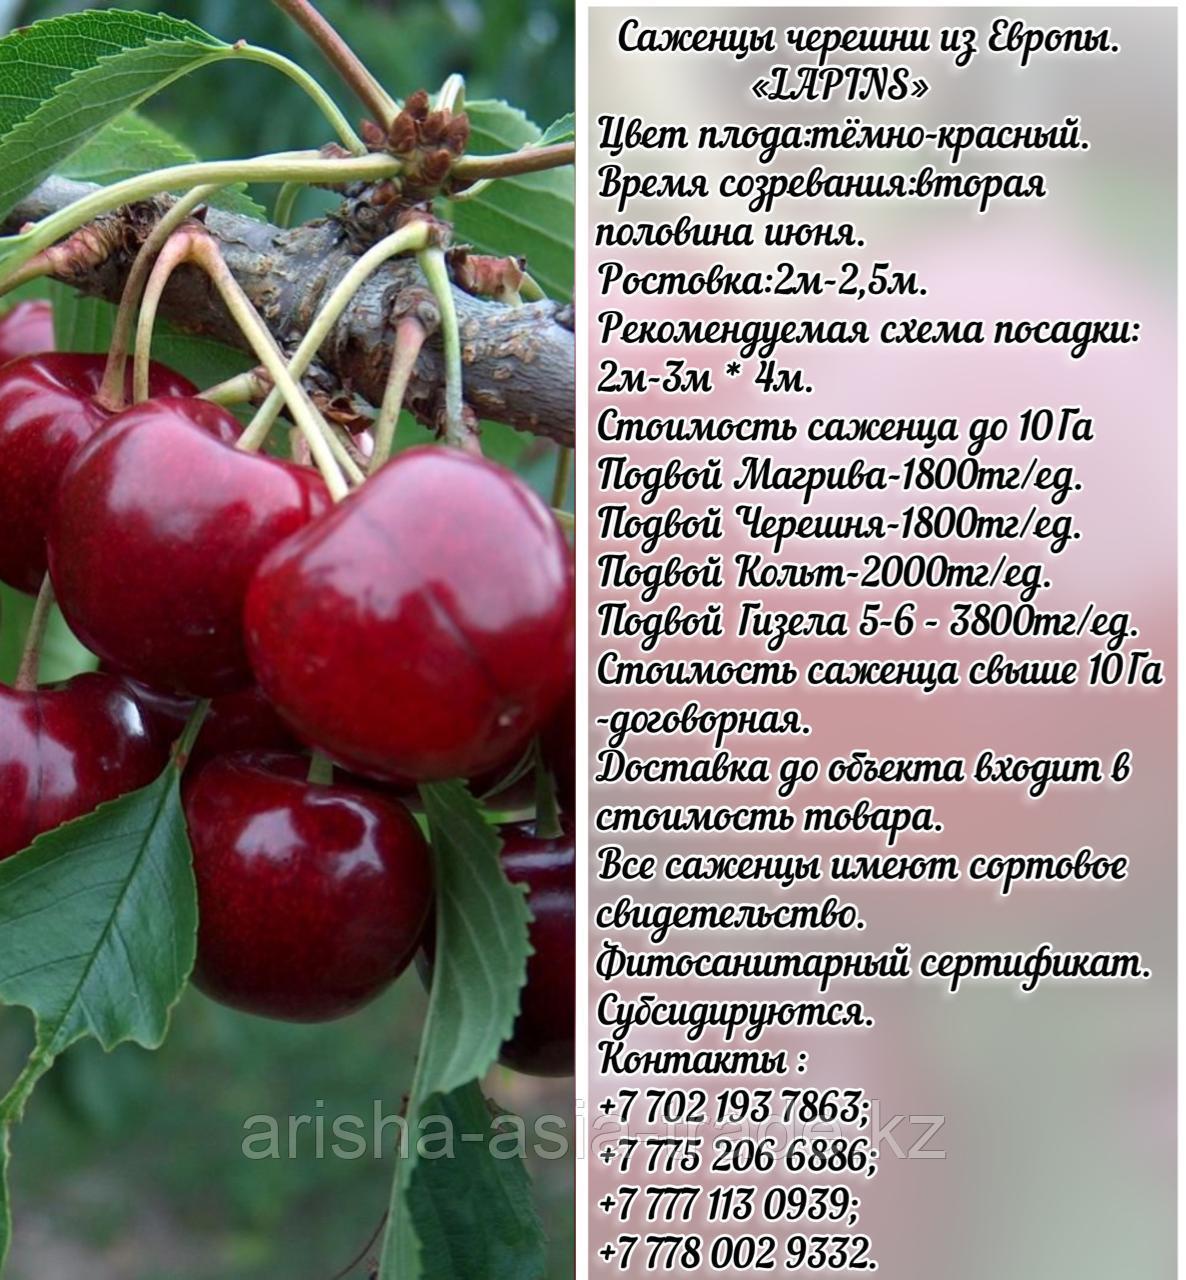 Саженец черешни калированной Lapins (Лапинс) Сербия